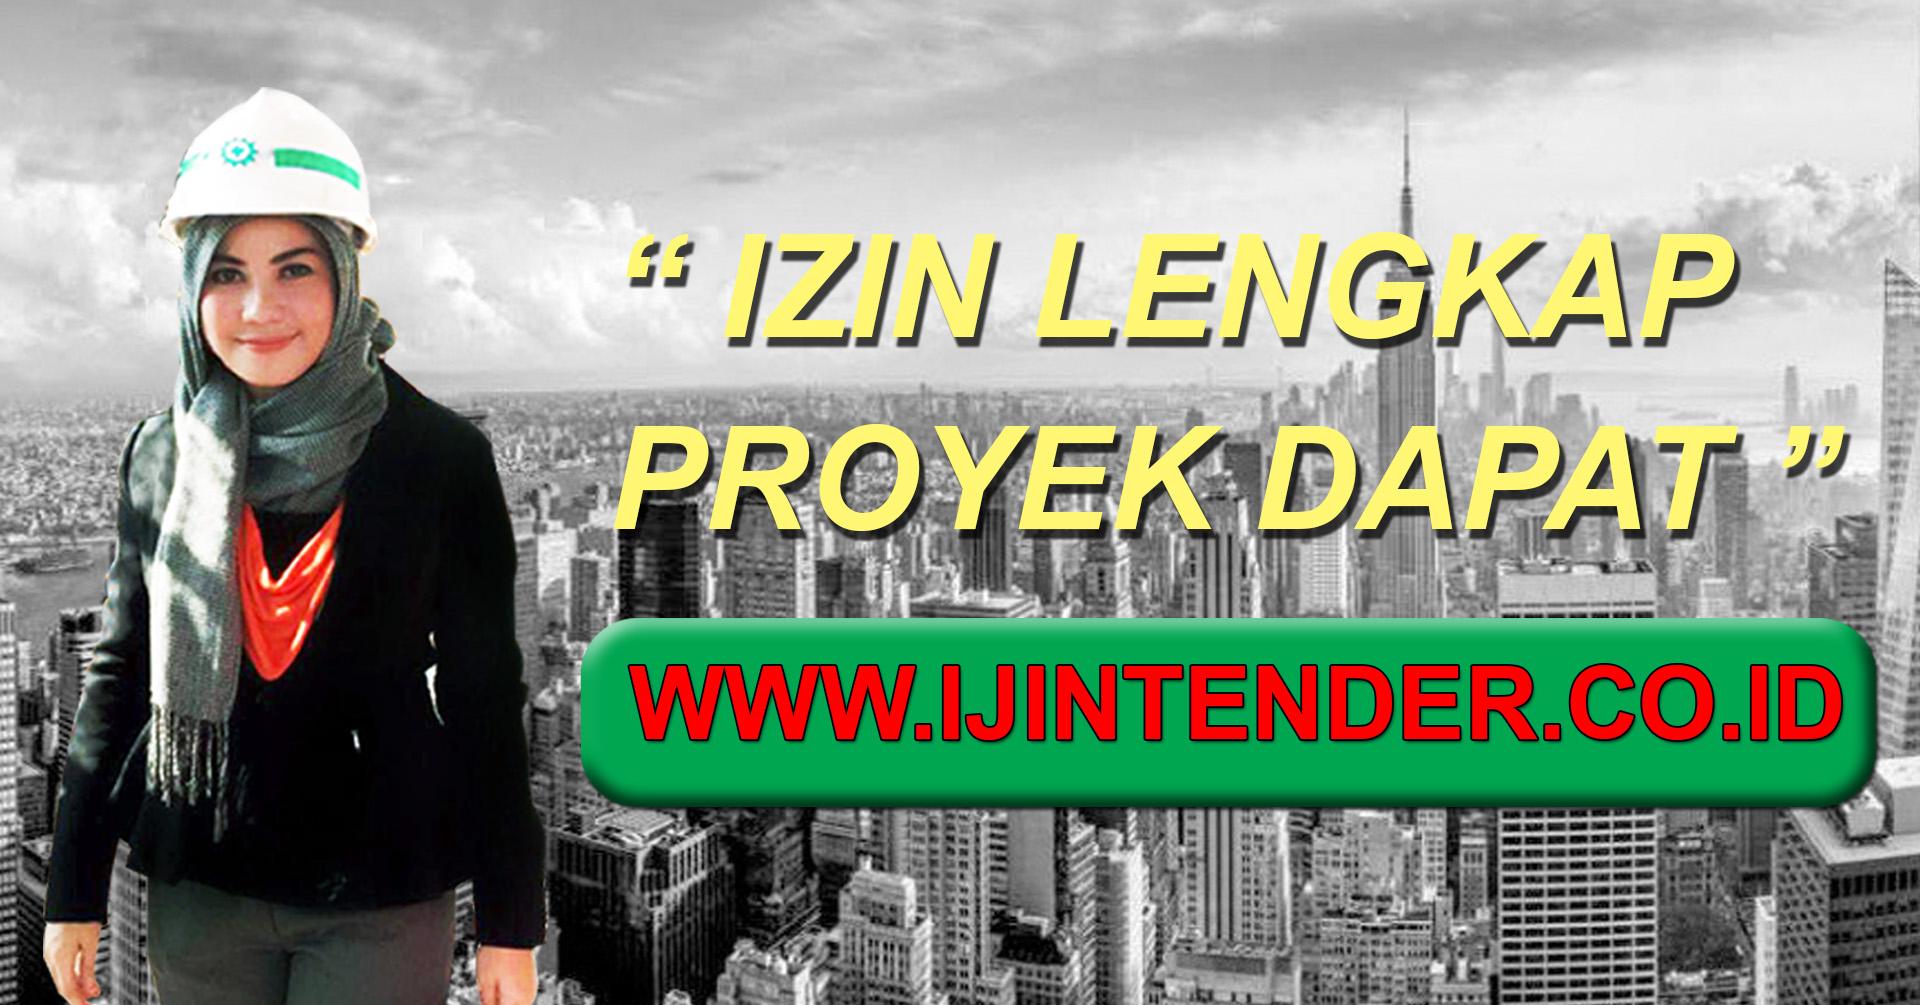 ijintender.co.id